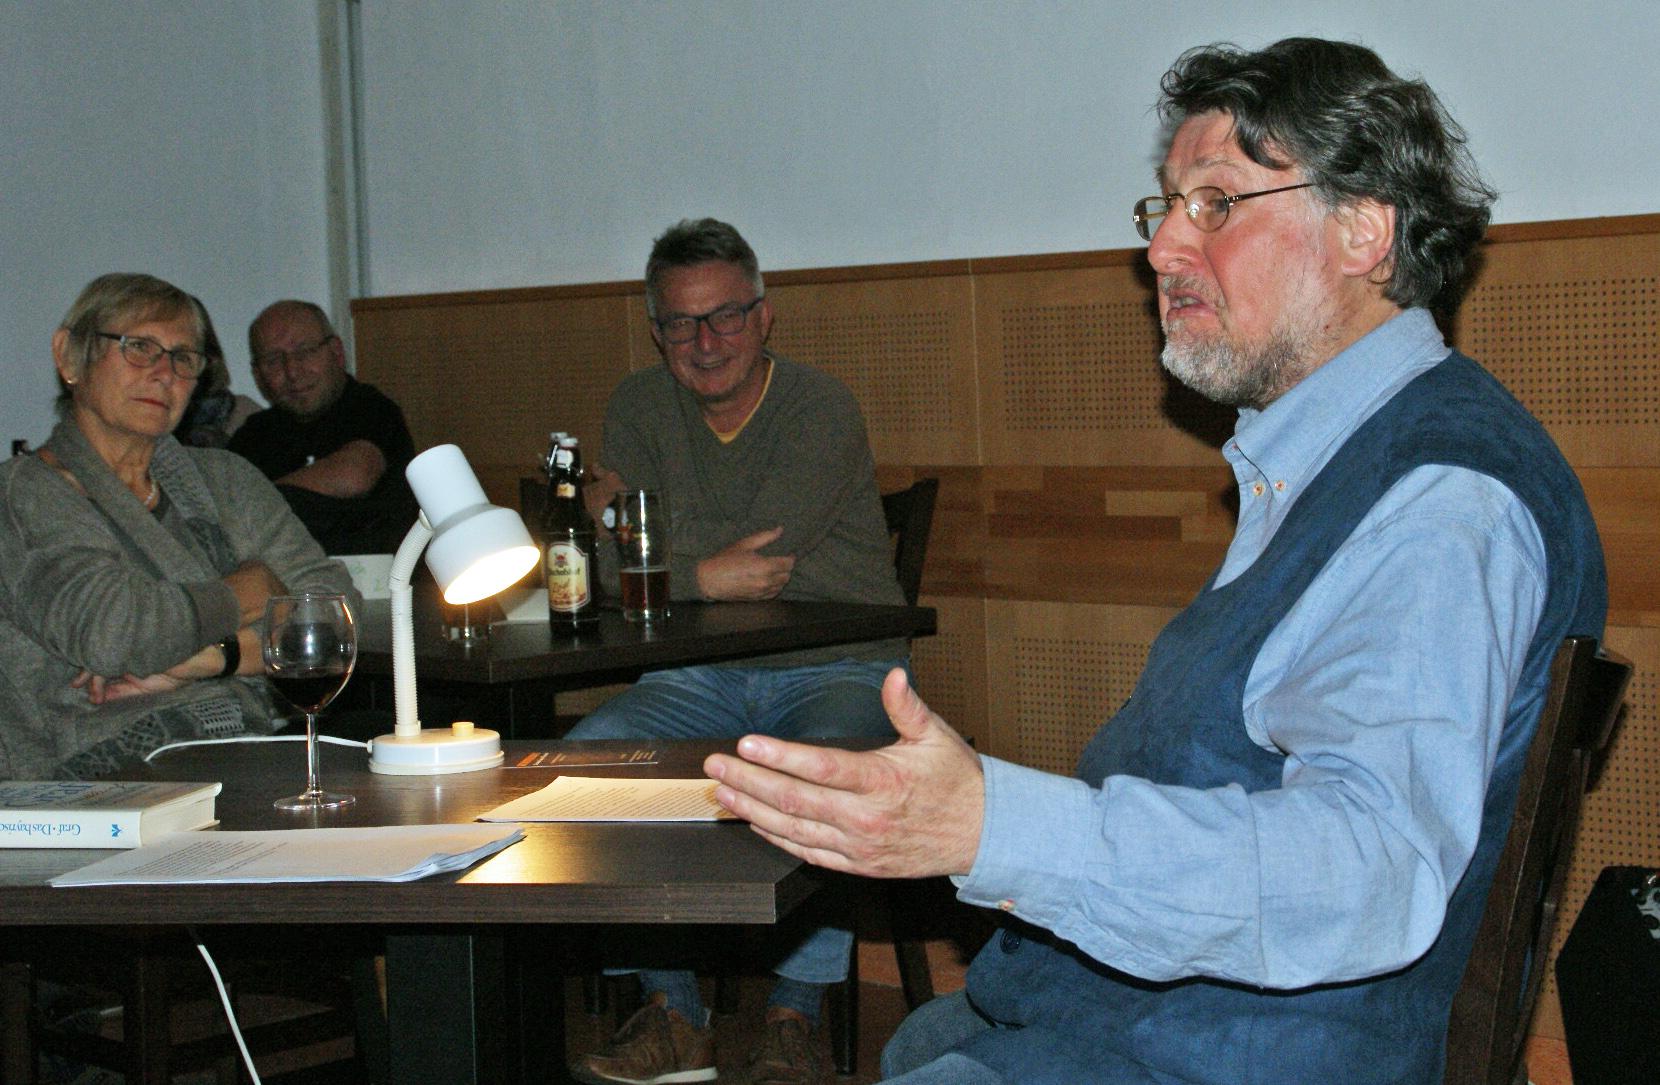 Bei der Wiener Kaffeehaus-Literatur in seinem Element: Rezitator Karl Stumpfi.